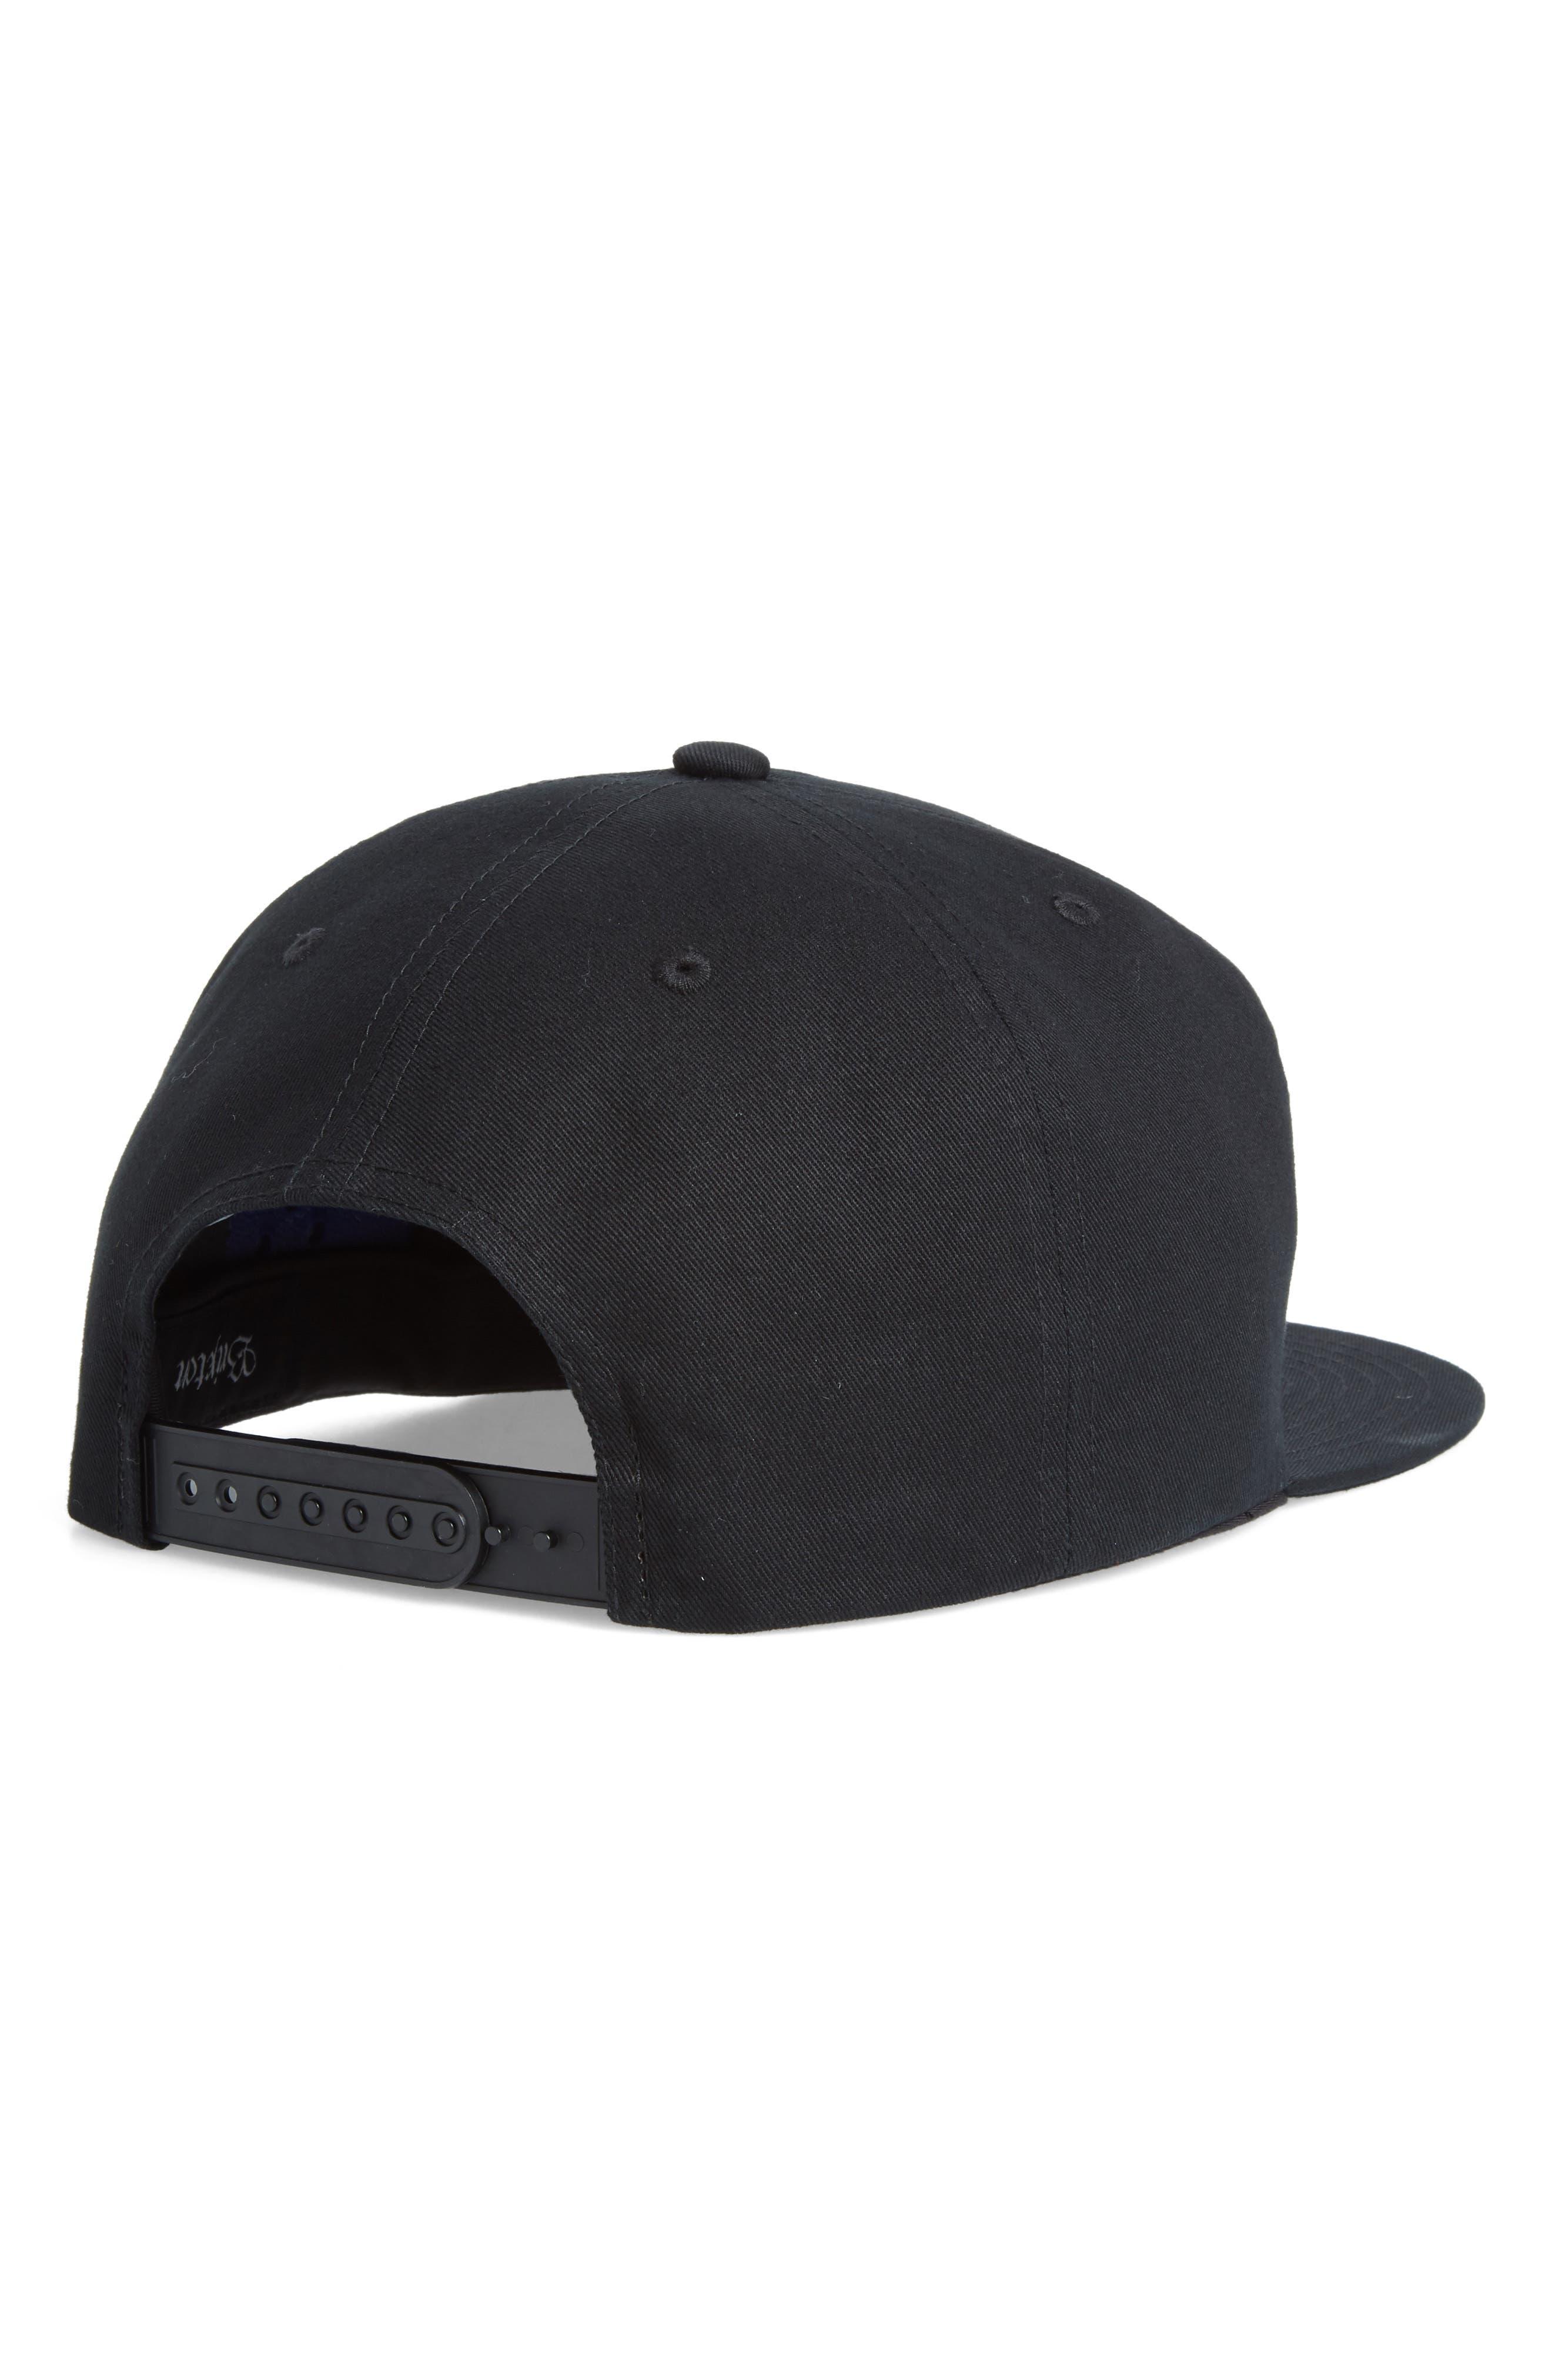 Pomona Ball Cap,                             Alternate thumbnail 2, color,                             Black